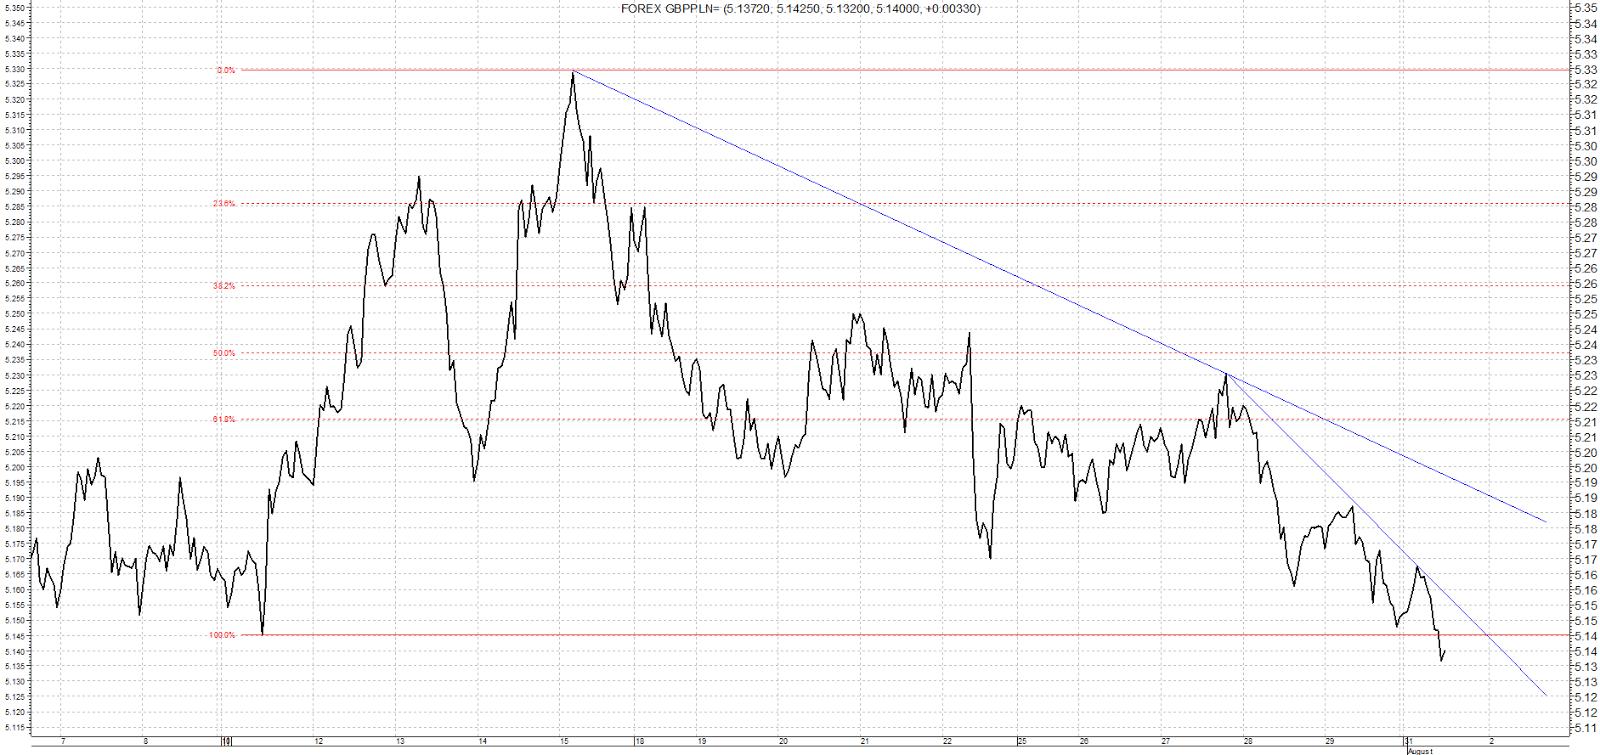 GBP PLN – analiza od 8 lipca do 1 sierpnia